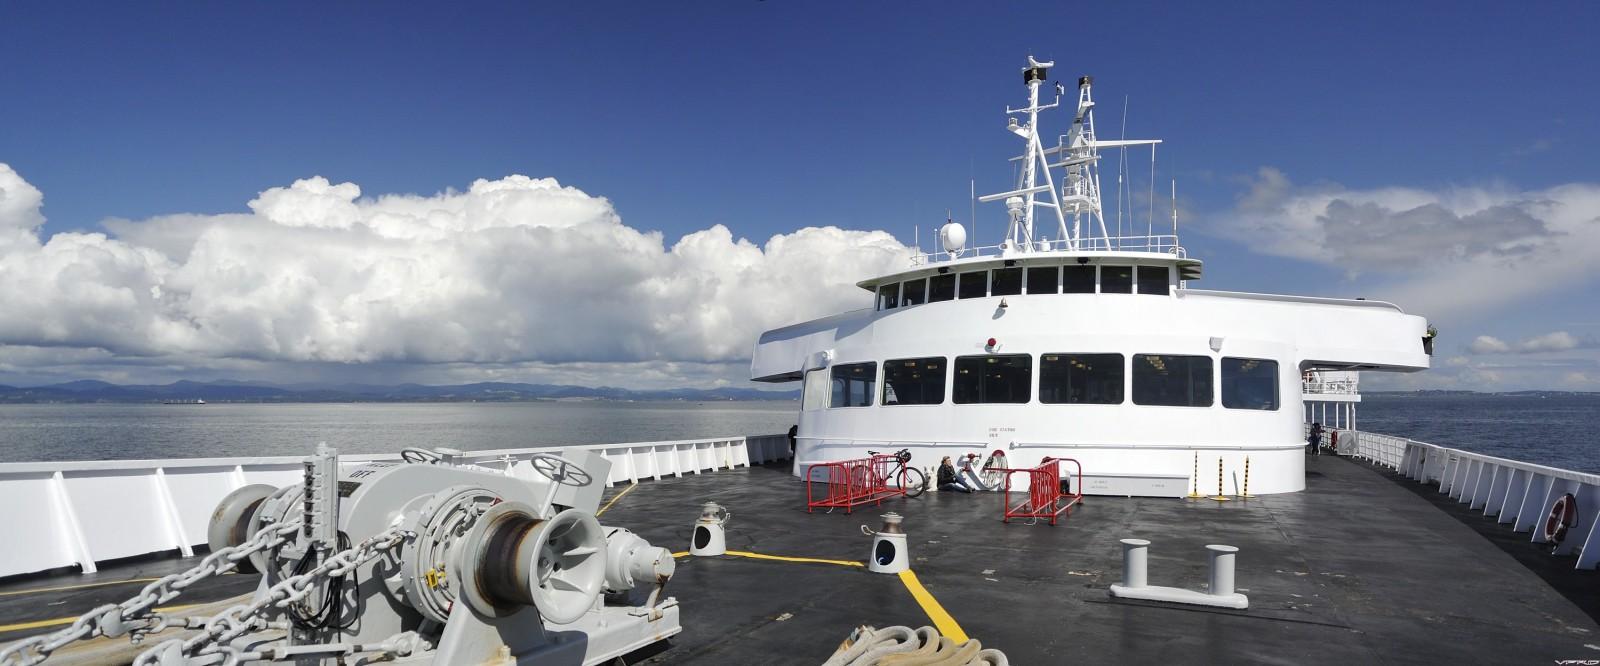 02 - leaving Victoria aboard MV Coho